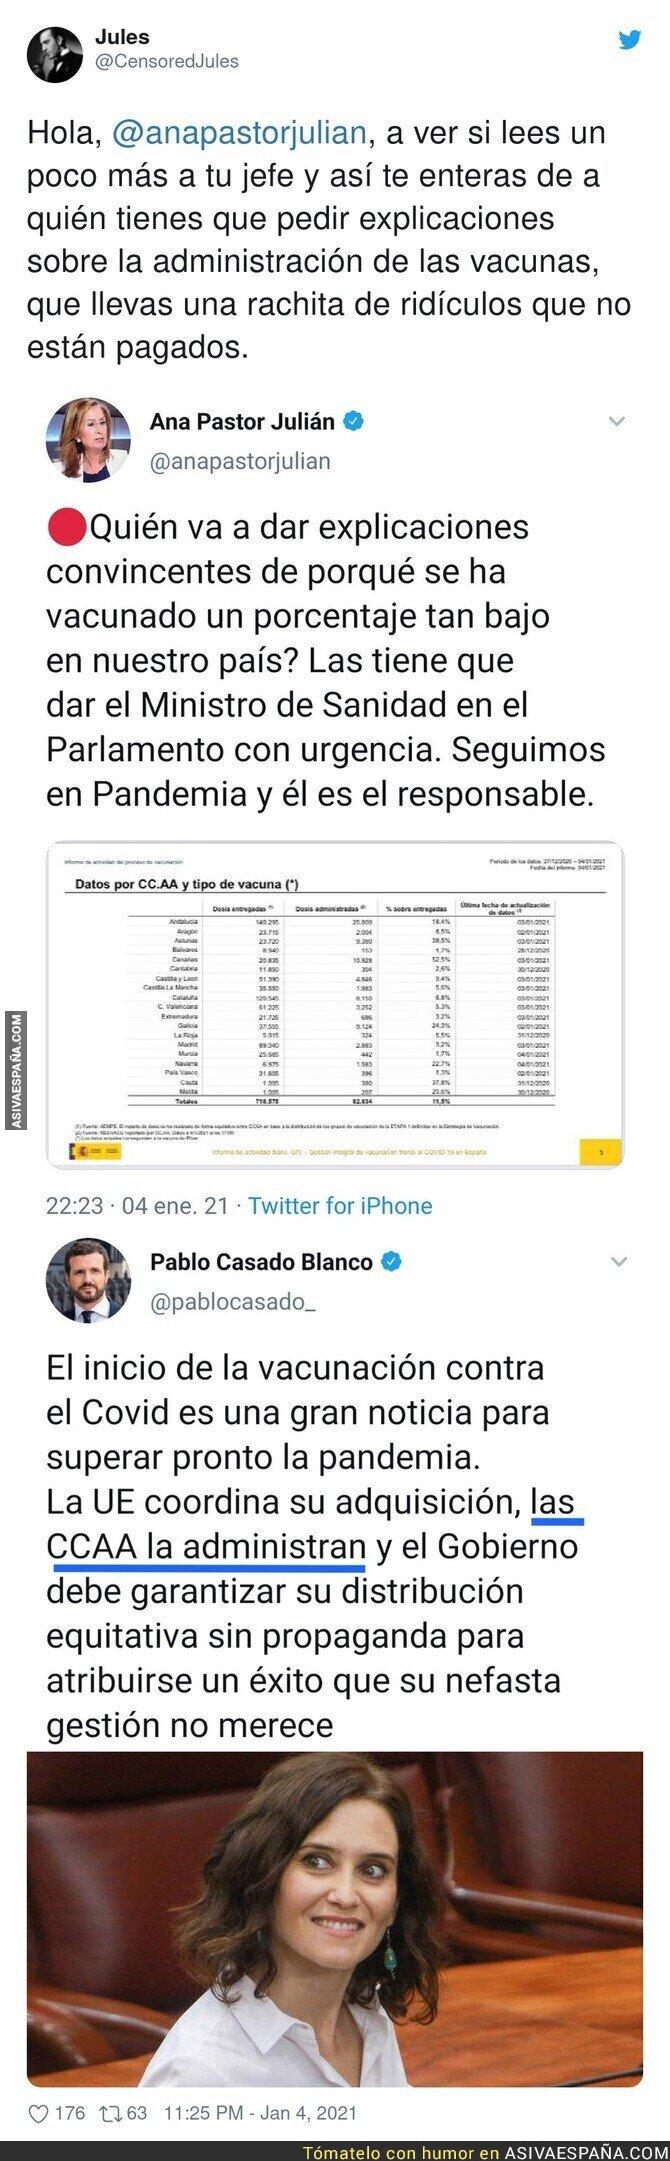 533458 - Ana Pastor y todo el PP queda retratado al completo con el tema de las vacunas por lo que dijo Pablo Casado hace poco tiempo